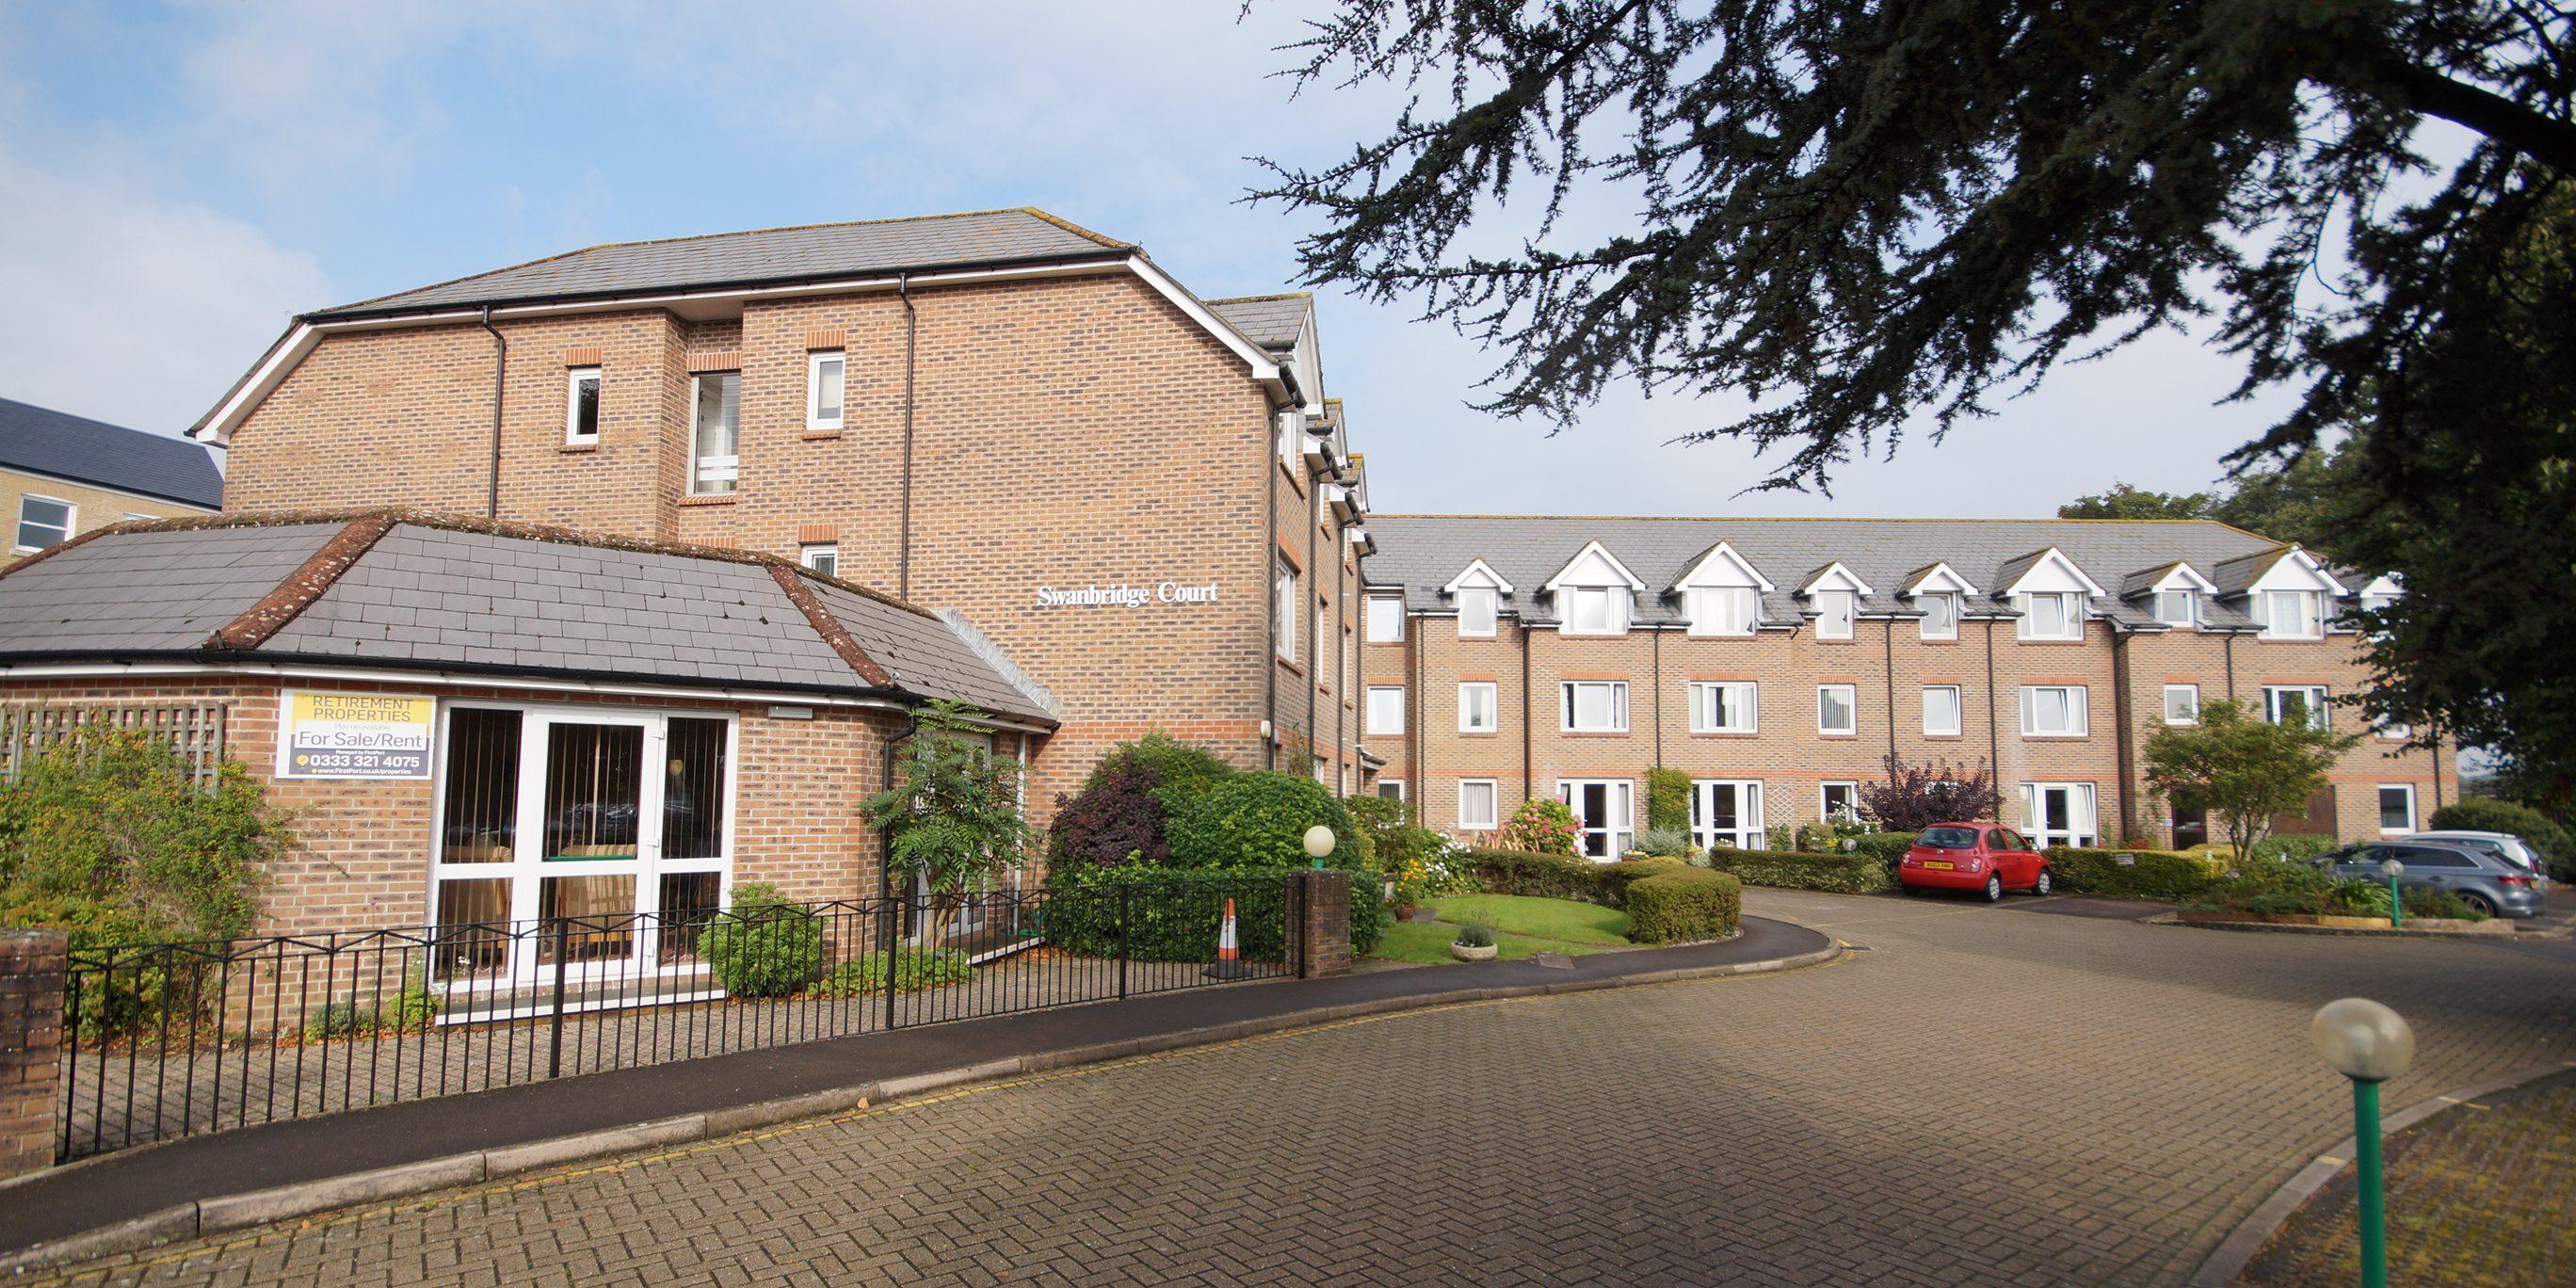 Swanbridge Court